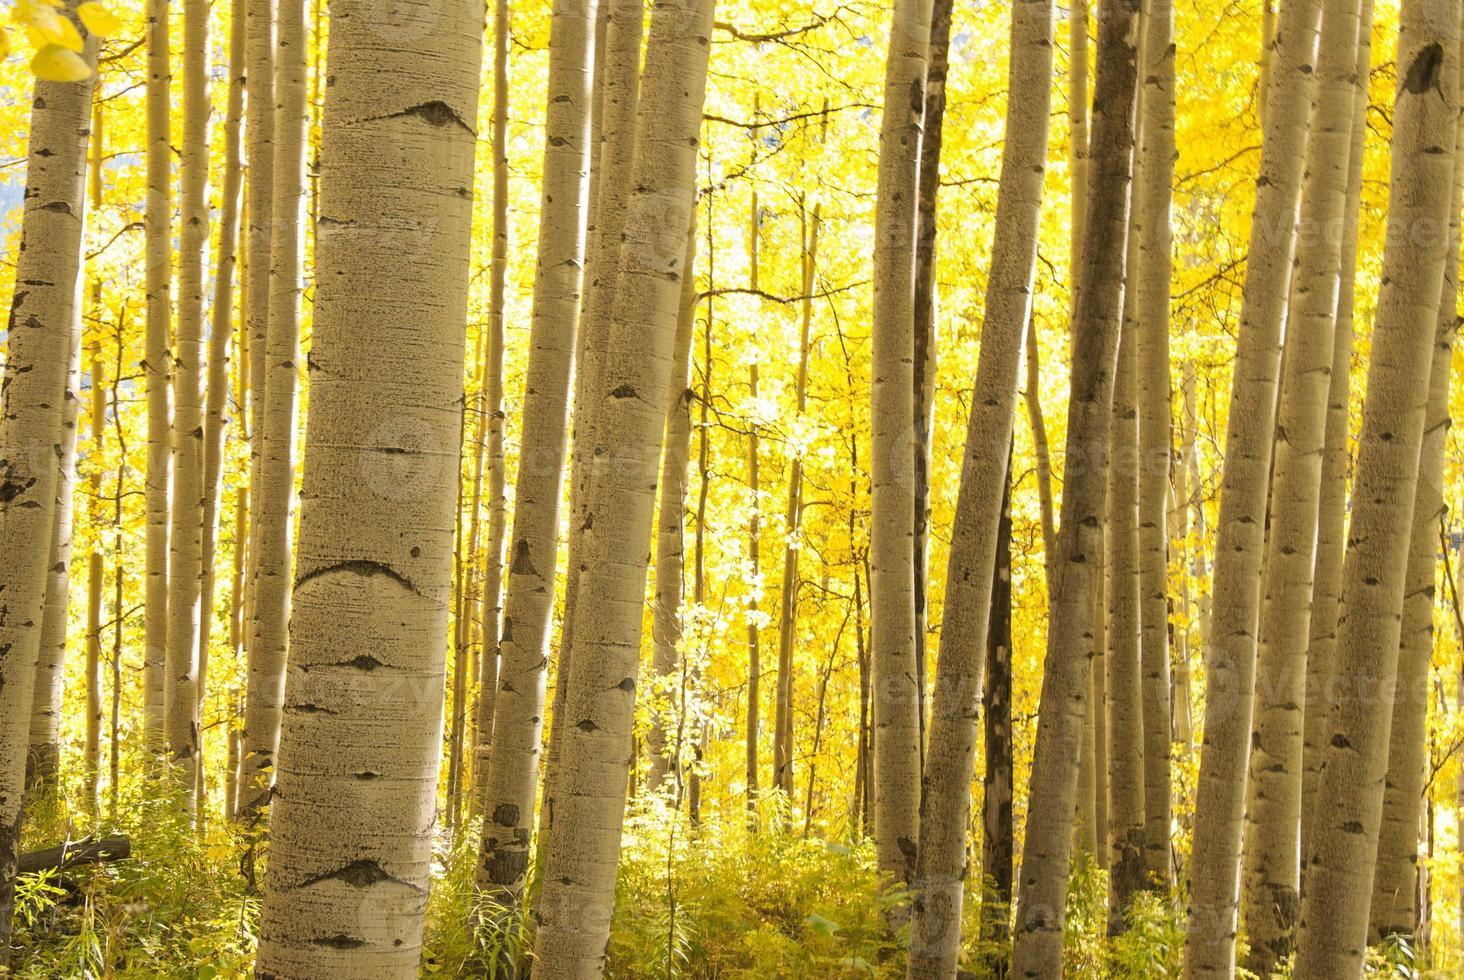 Aspen Grove in Autumn photo